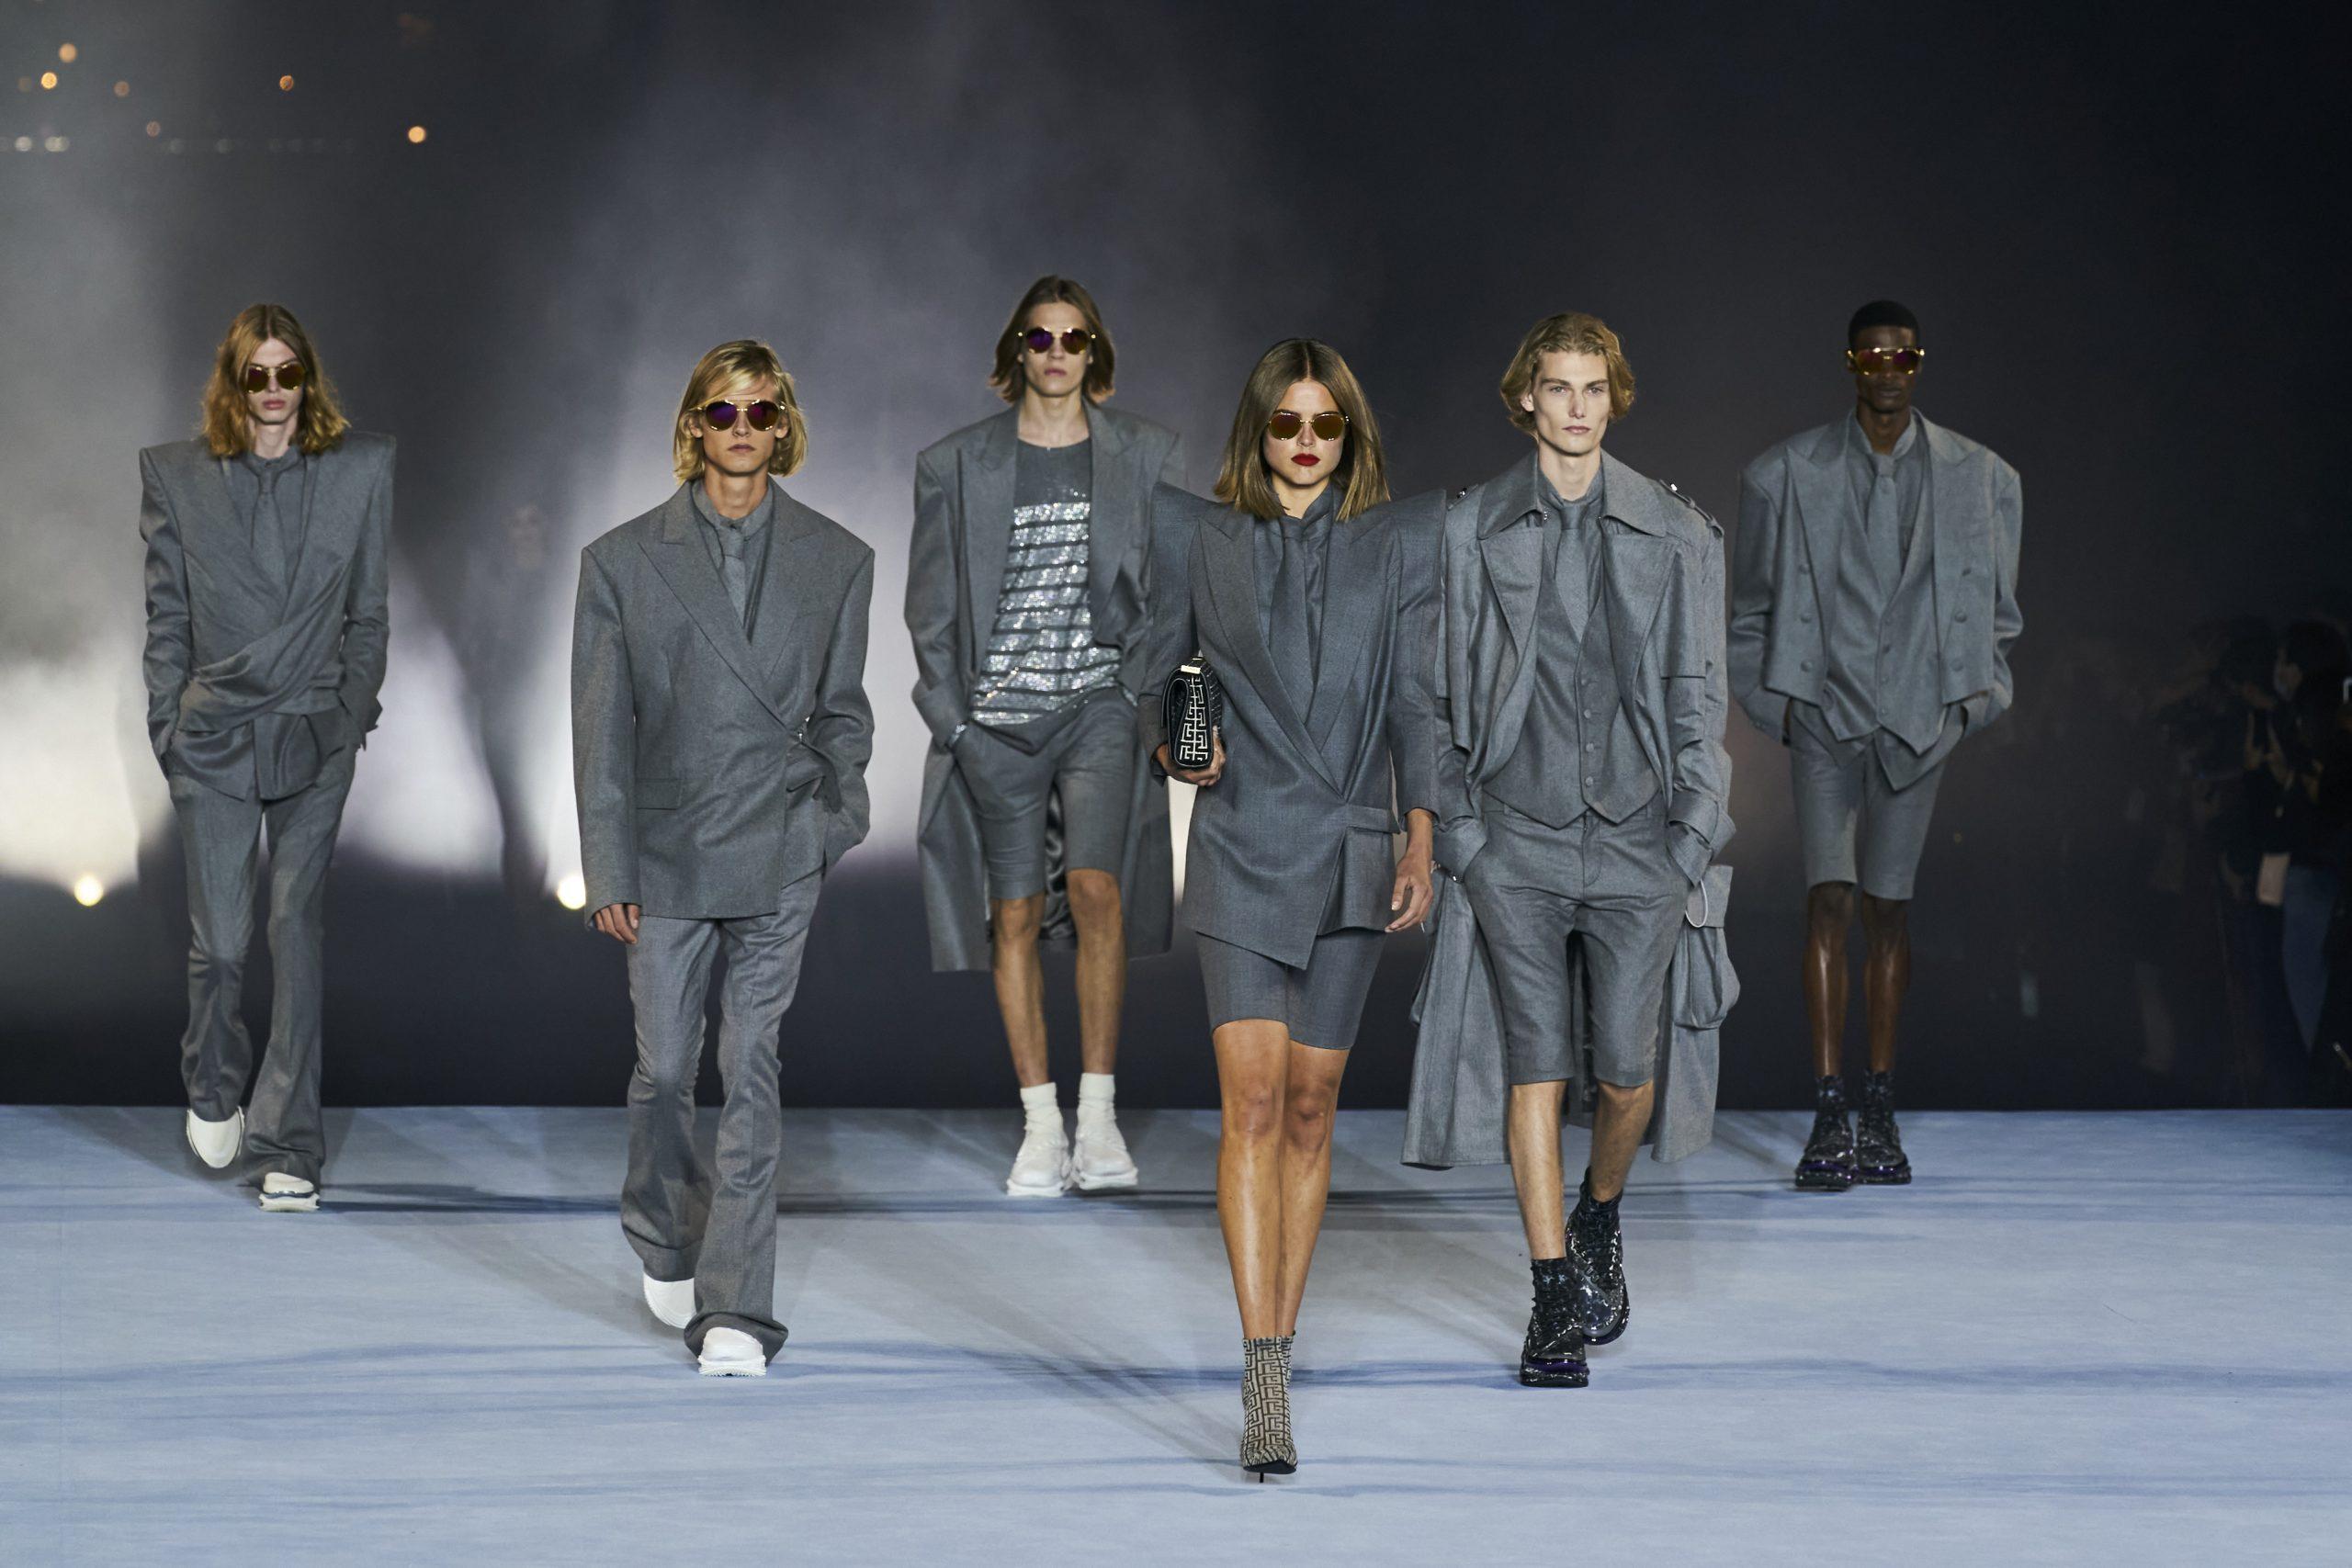 8. kép: Párizsi divathét - 2021-es tavaszi-nyári ready to wear kollekció - Balmain